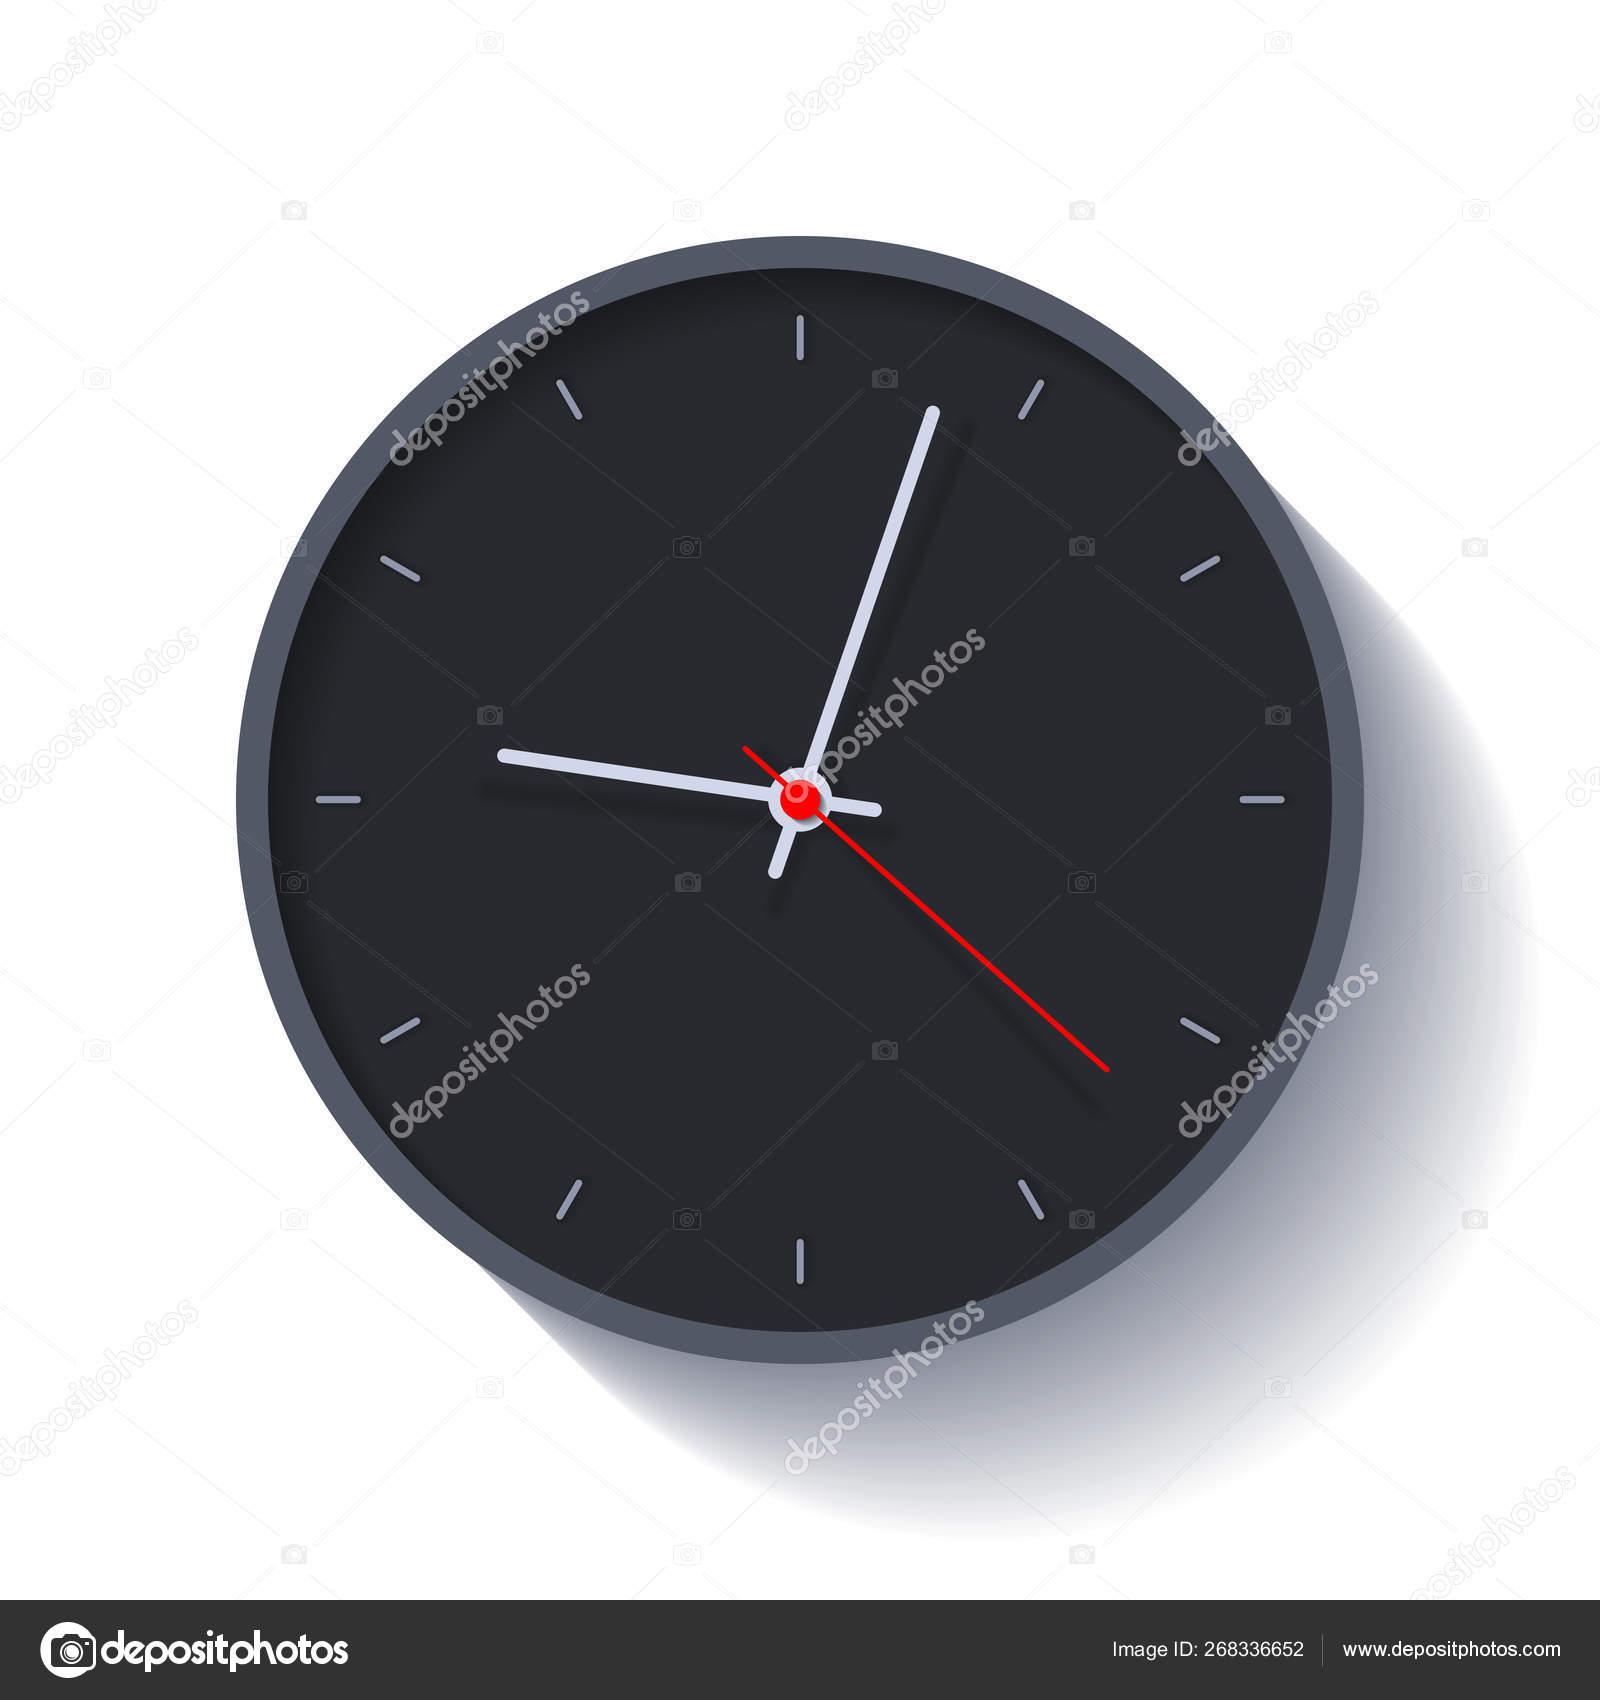 Orologio sfondo bianco o nero